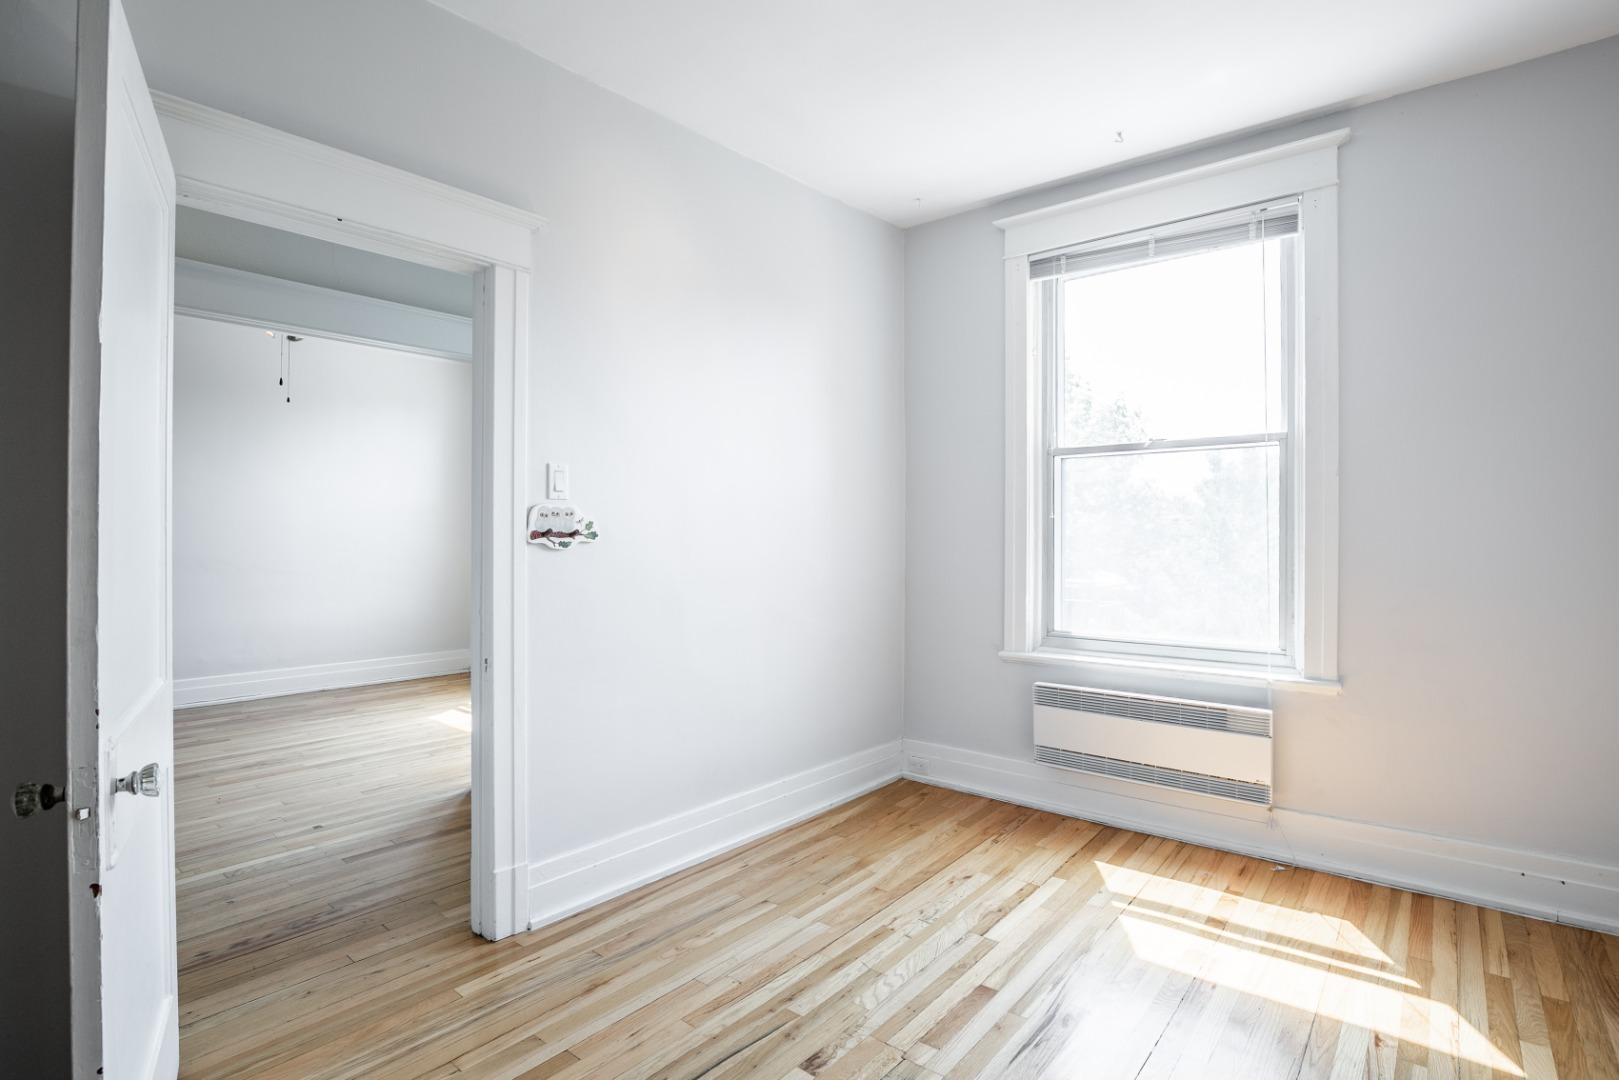 Appartement à louer Rosemont - 6403, rue de Bordeaux 4